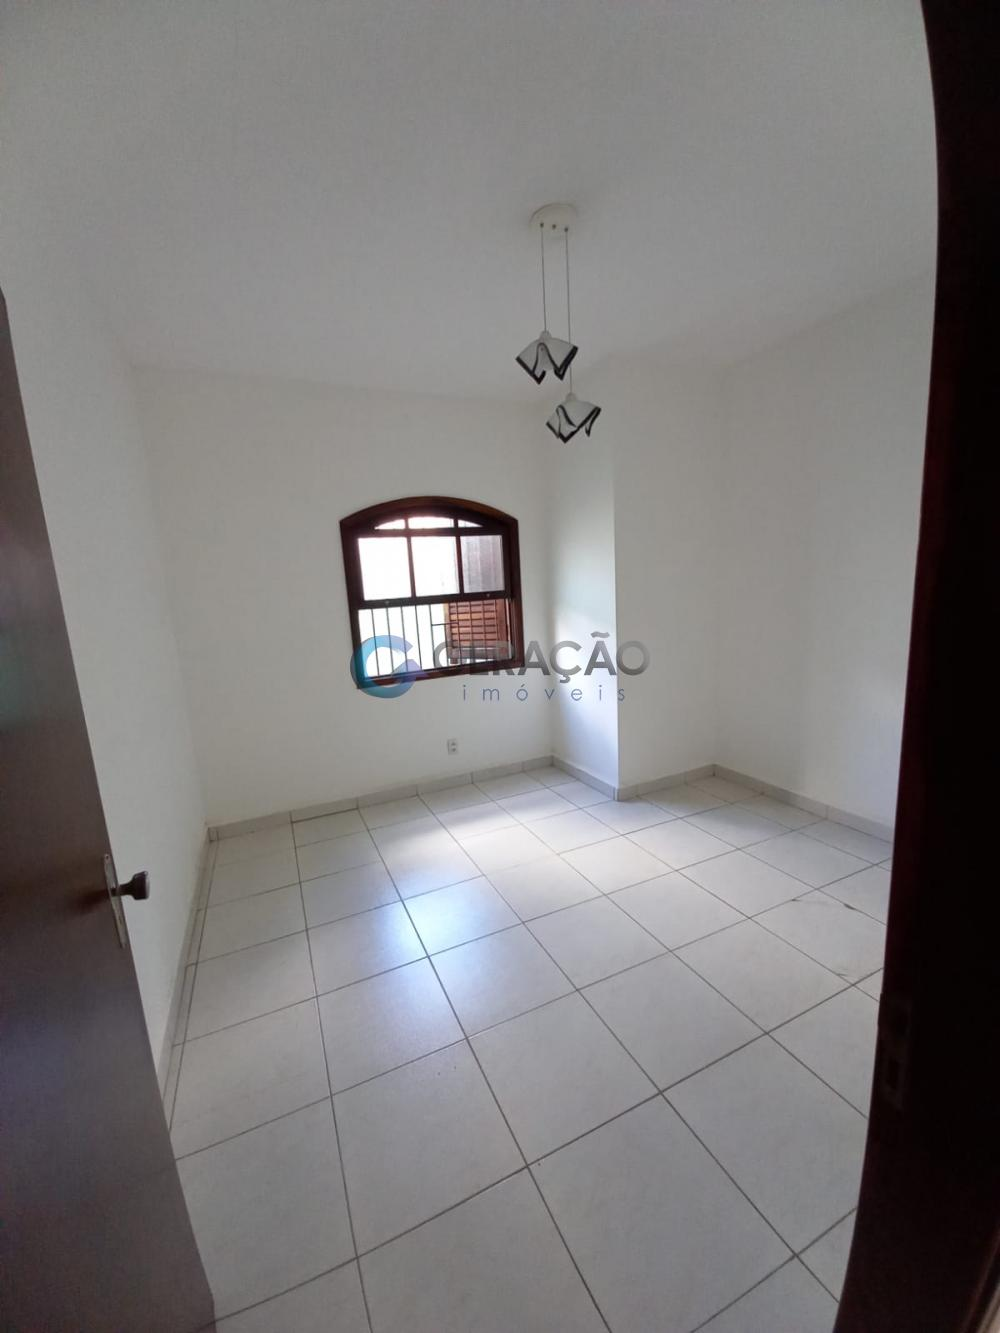 Alugar Comercial / Ponto Comercial em São José dos Campos R$ 1.400,00 - Foto 2